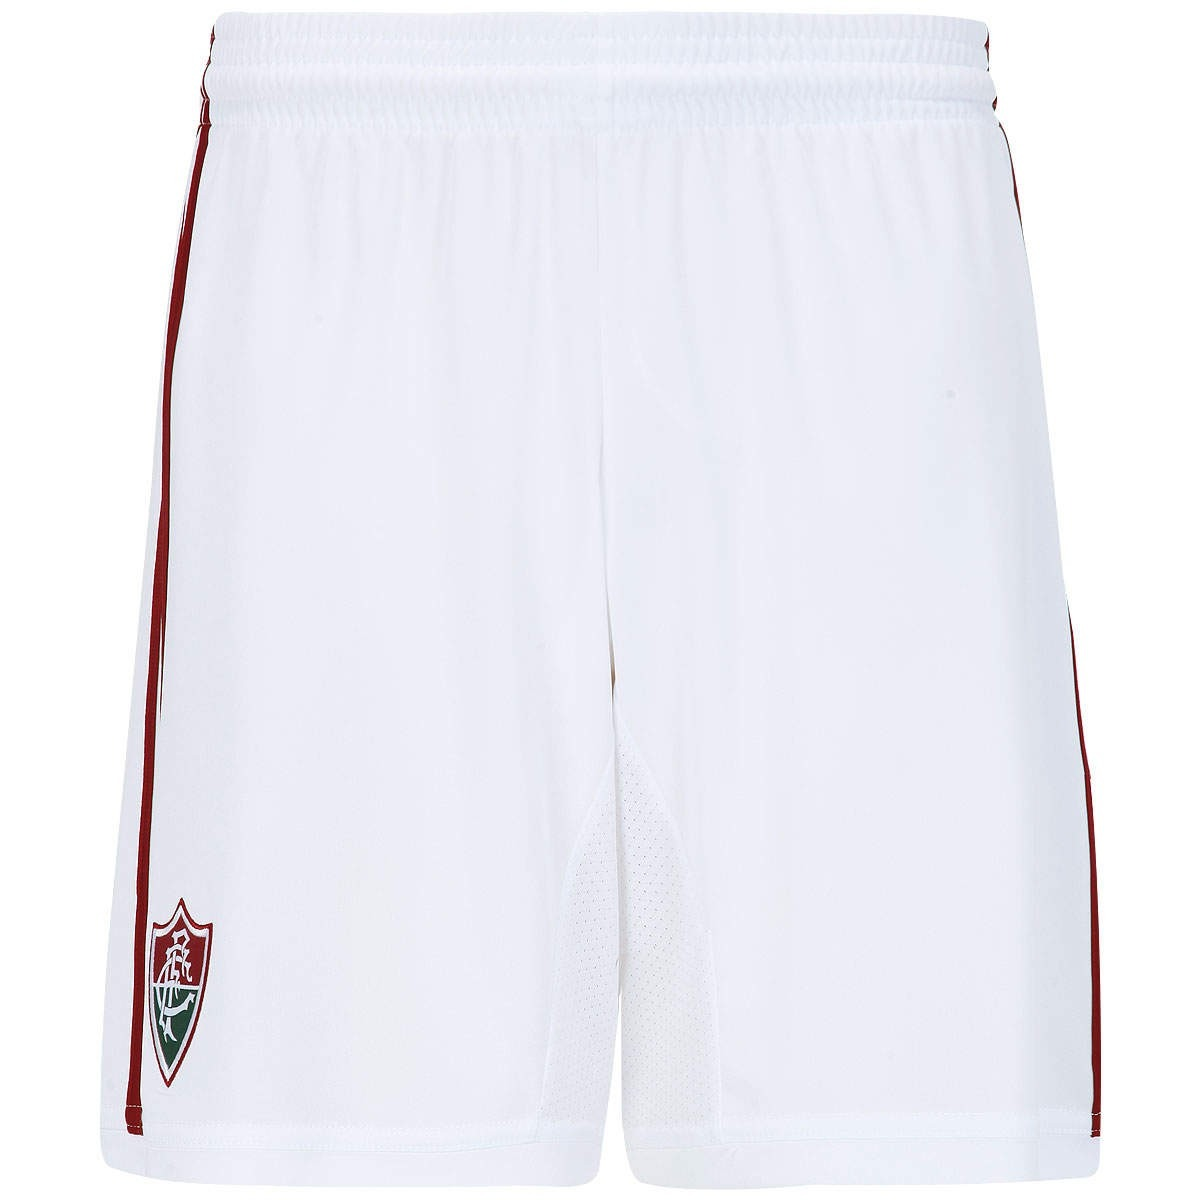 6cb89400ab Calção (shorts Bermuda) Fluminense 1 - 2014 Oficial - R  69